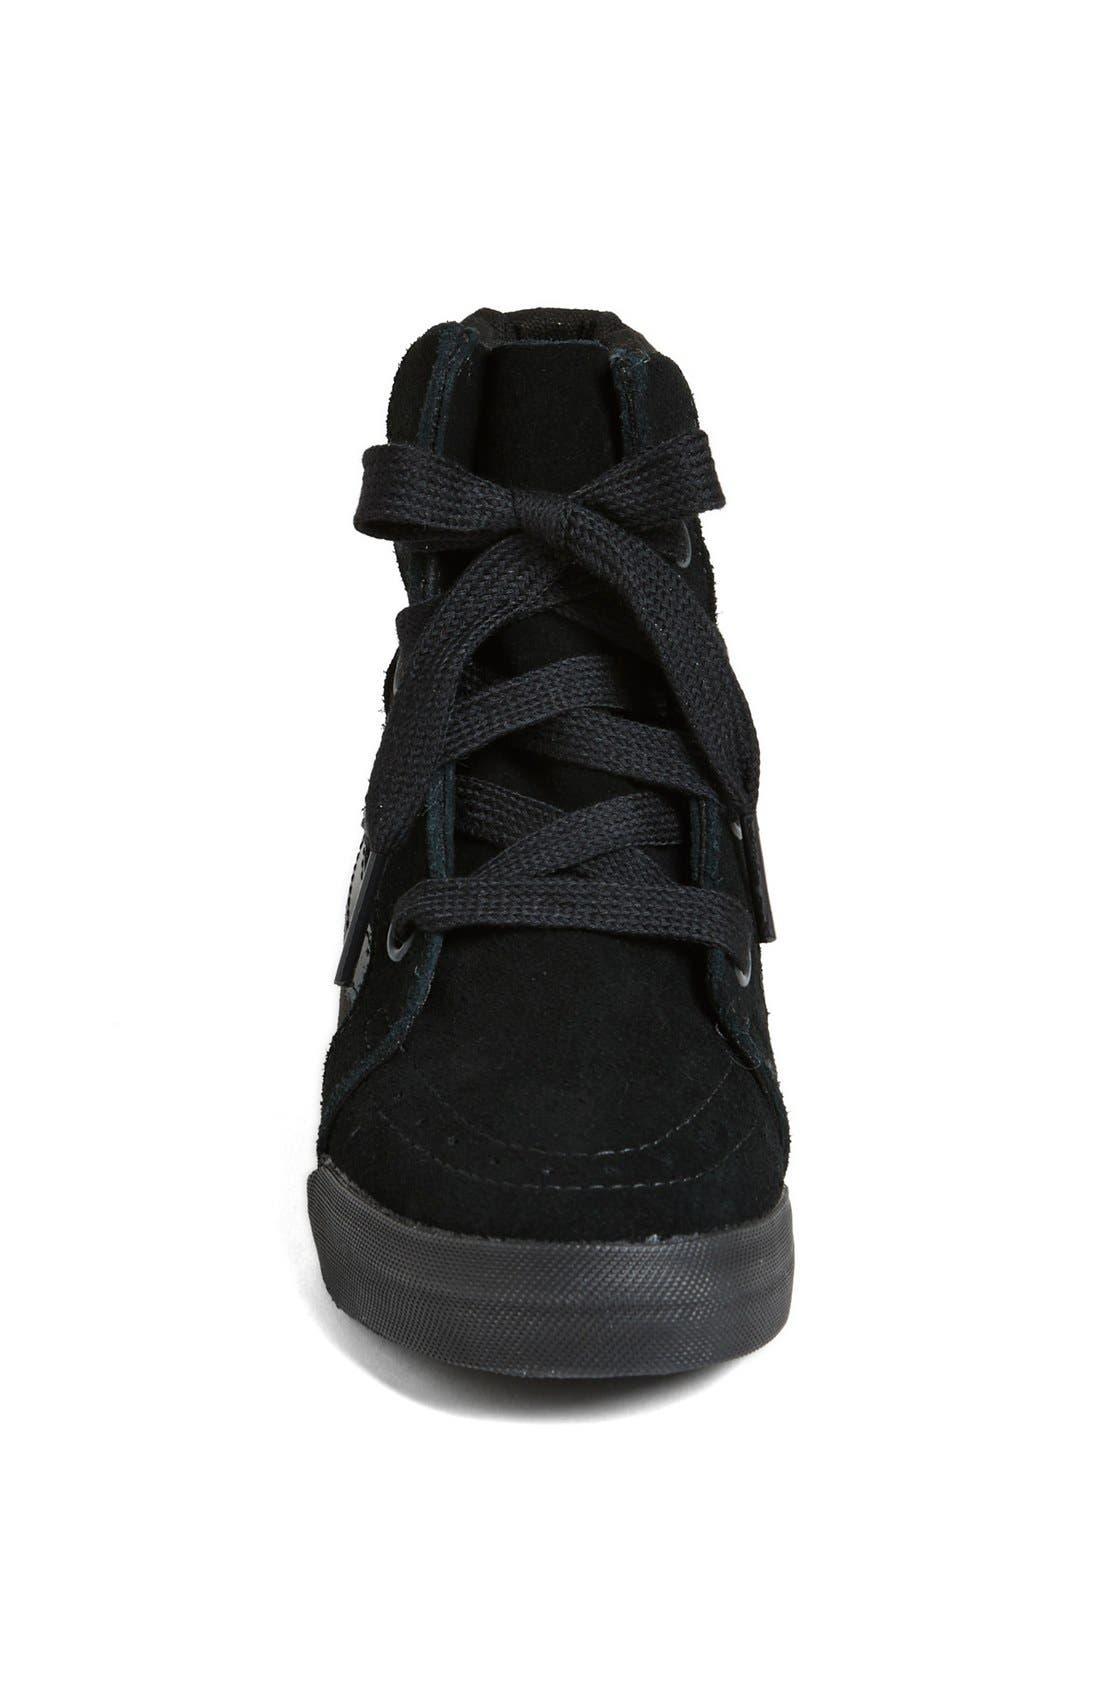 Alternate Image 3  - Vans 'Sk8 Hi' Wedge Sneaker (Women)